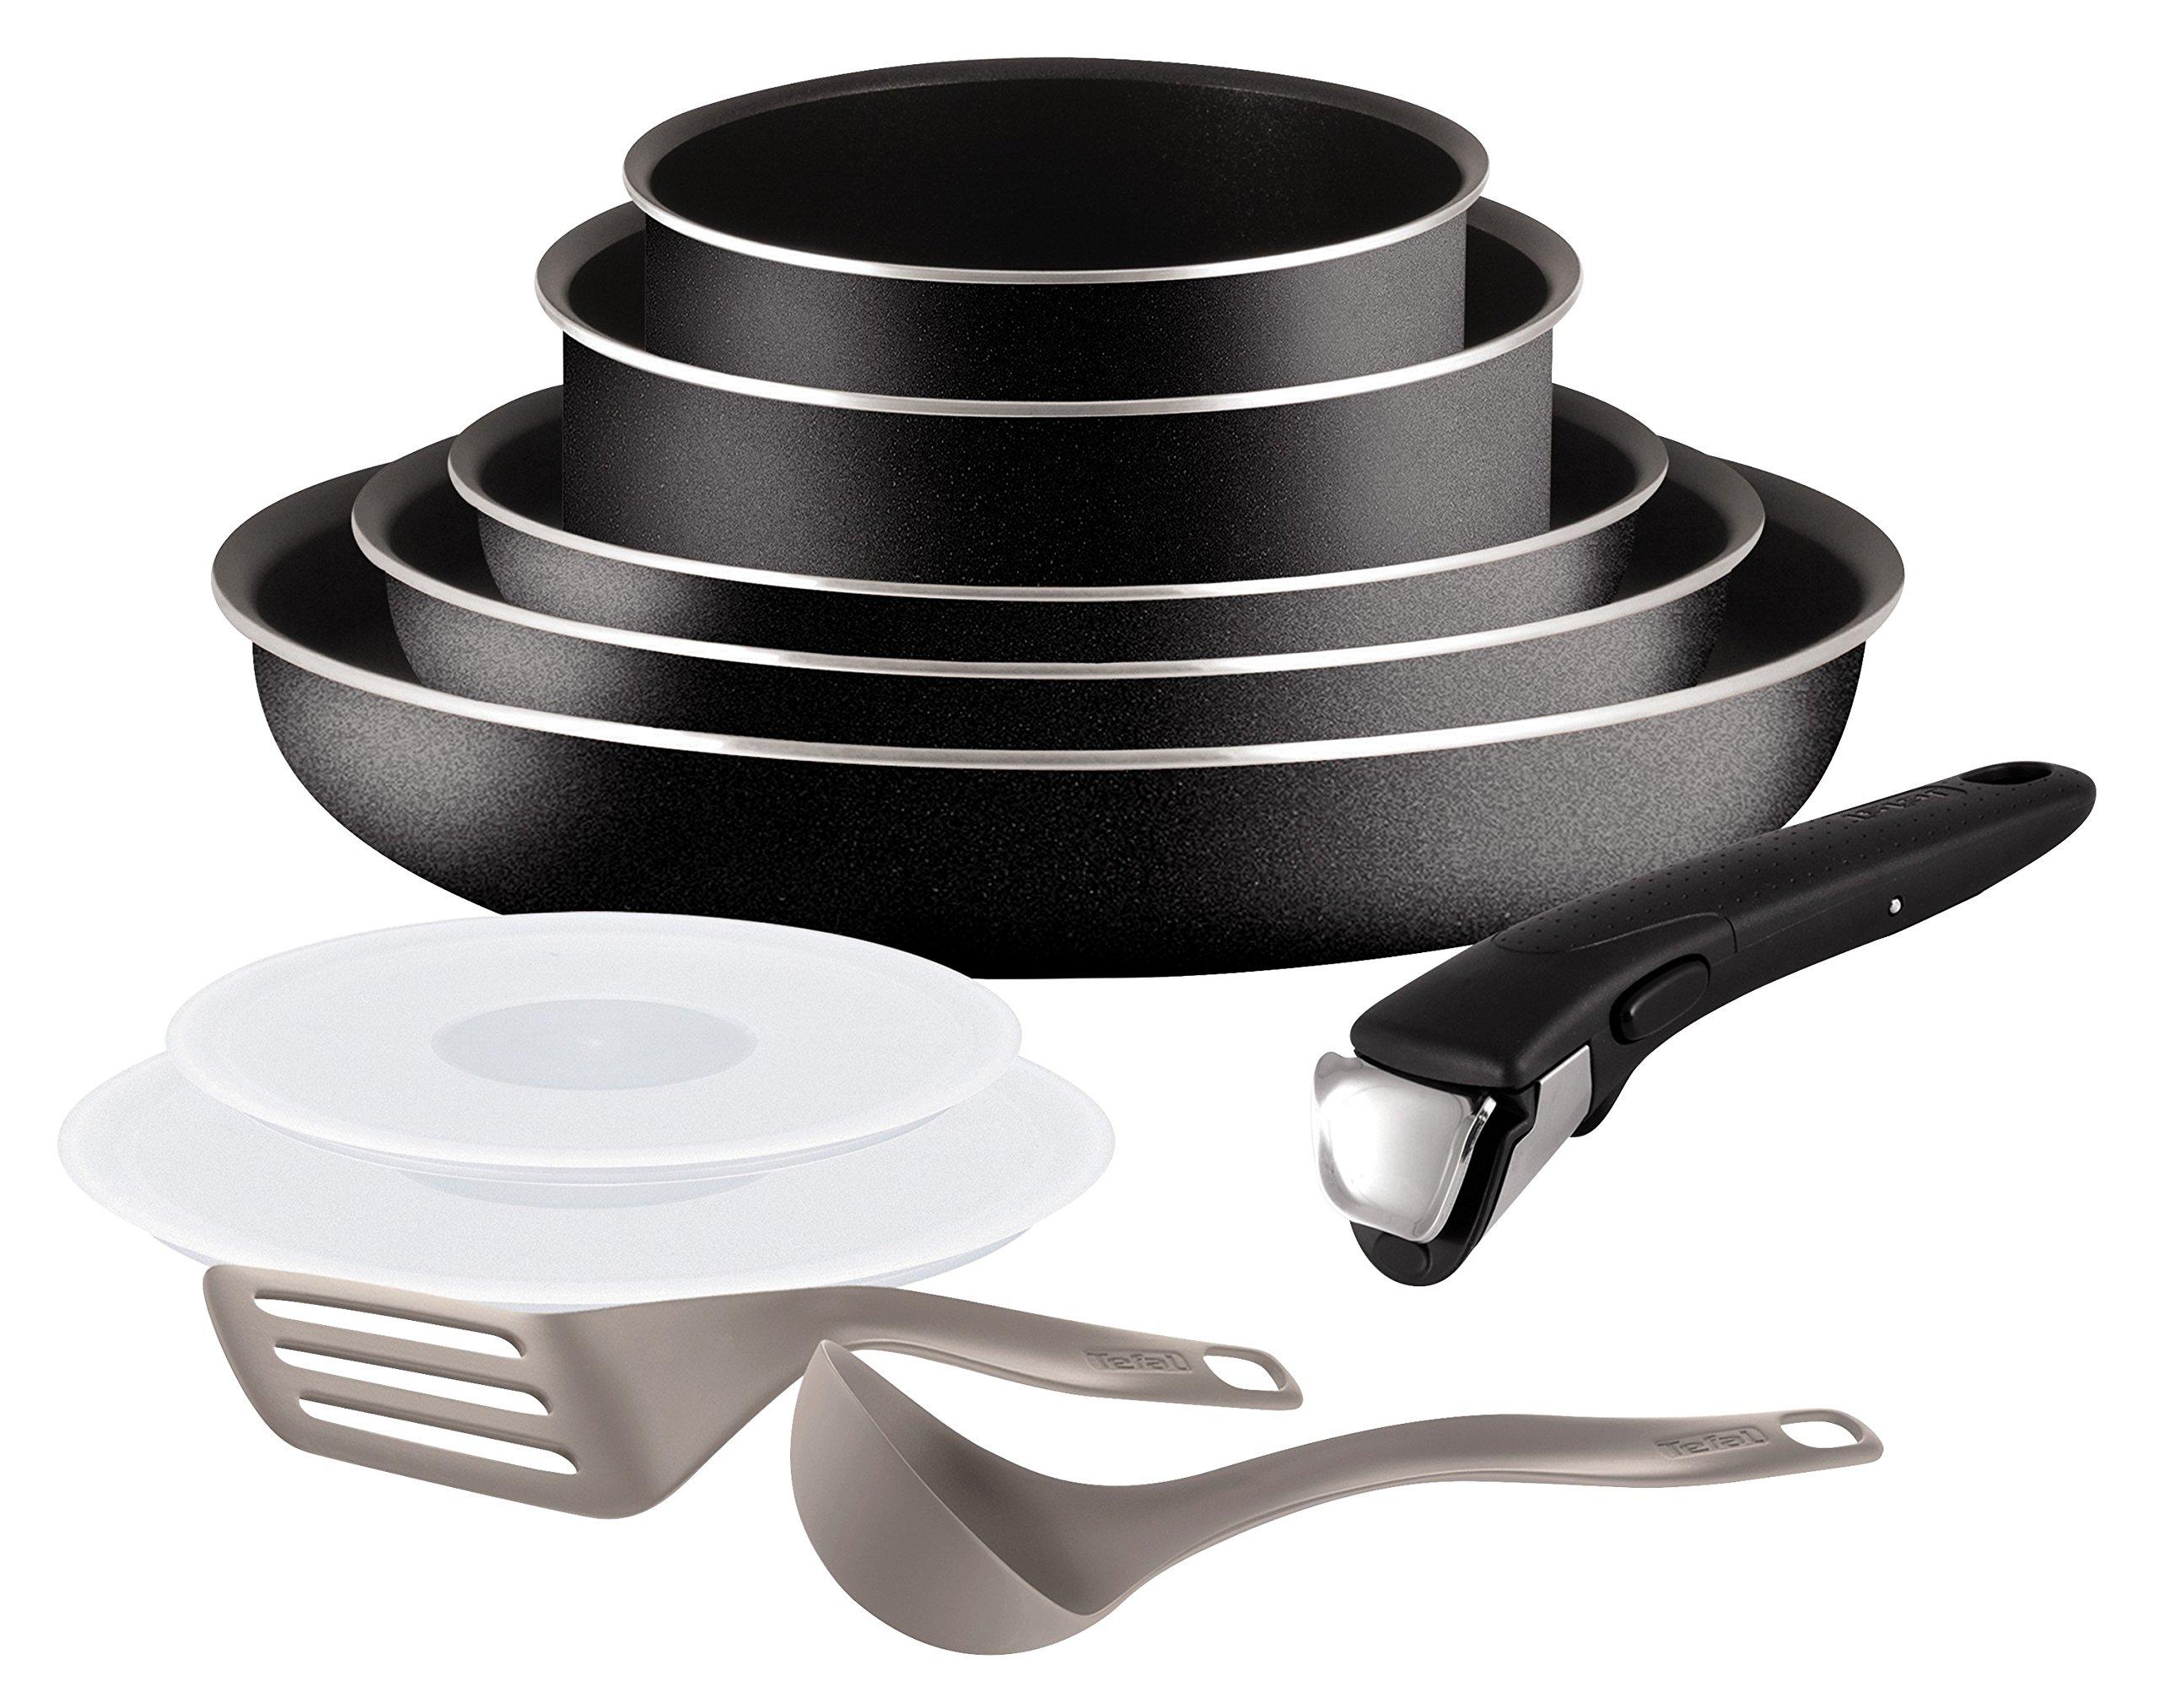 Tefal L2009802 Set de poêles et casseroles - Ingenio 5 Essential Noir Set 10 Pièces - Tous feux sauf induction product image